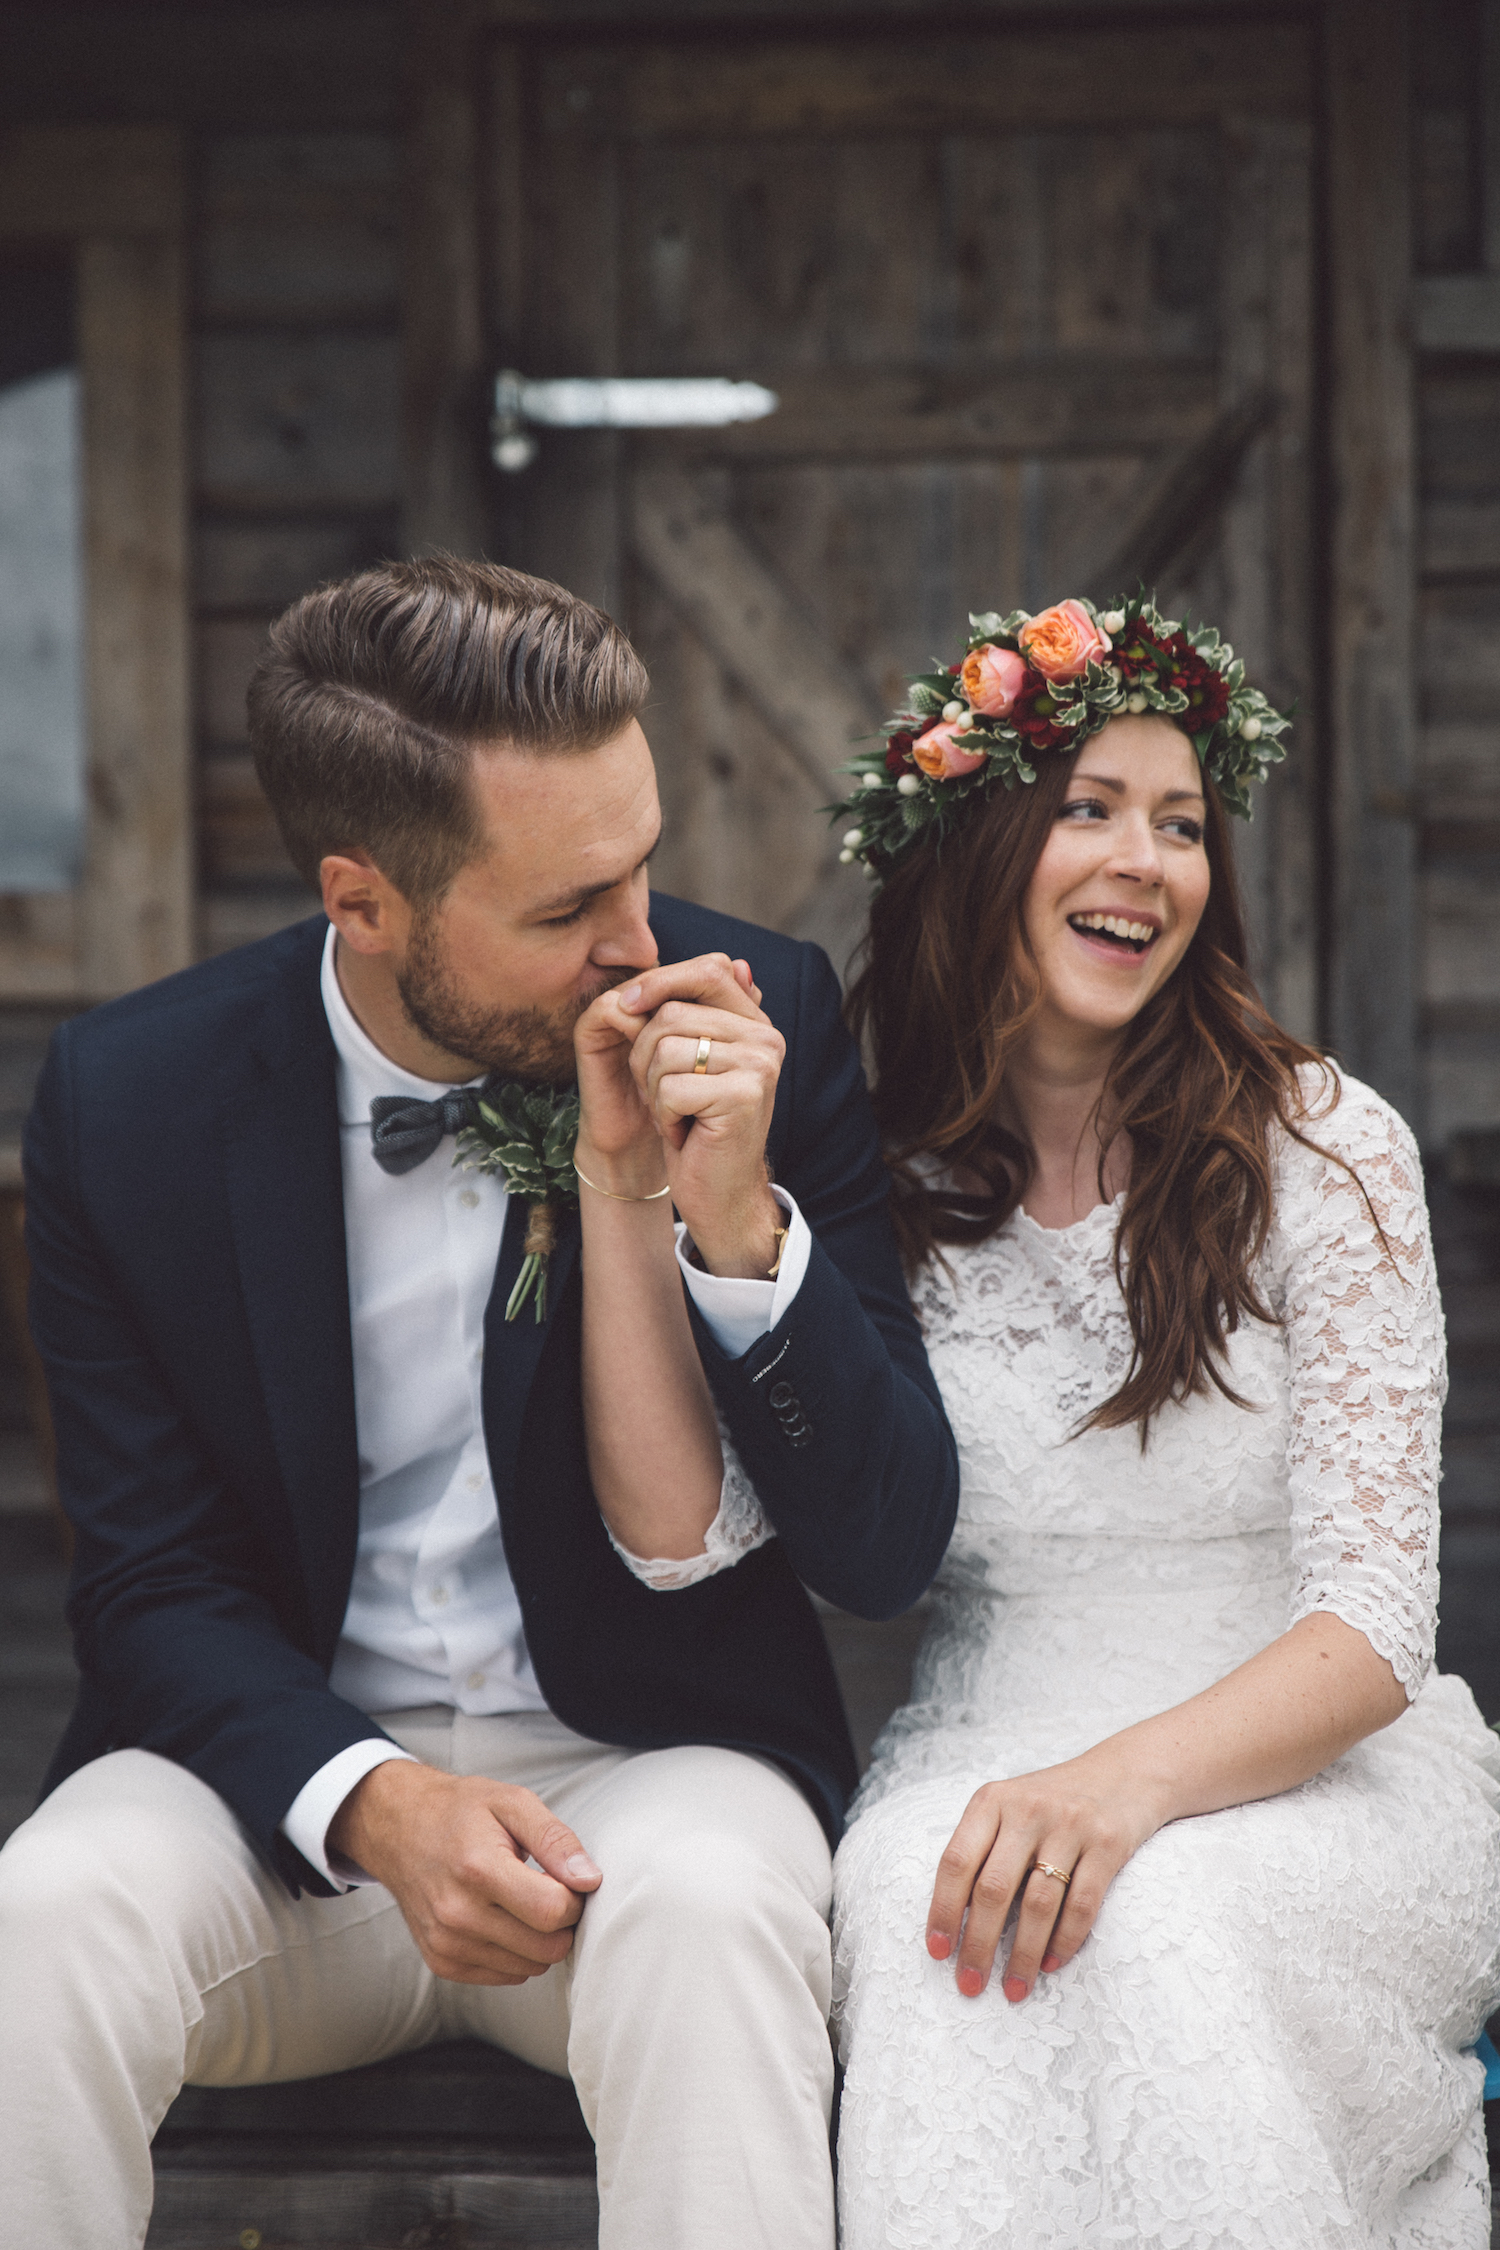 Nordic wedding